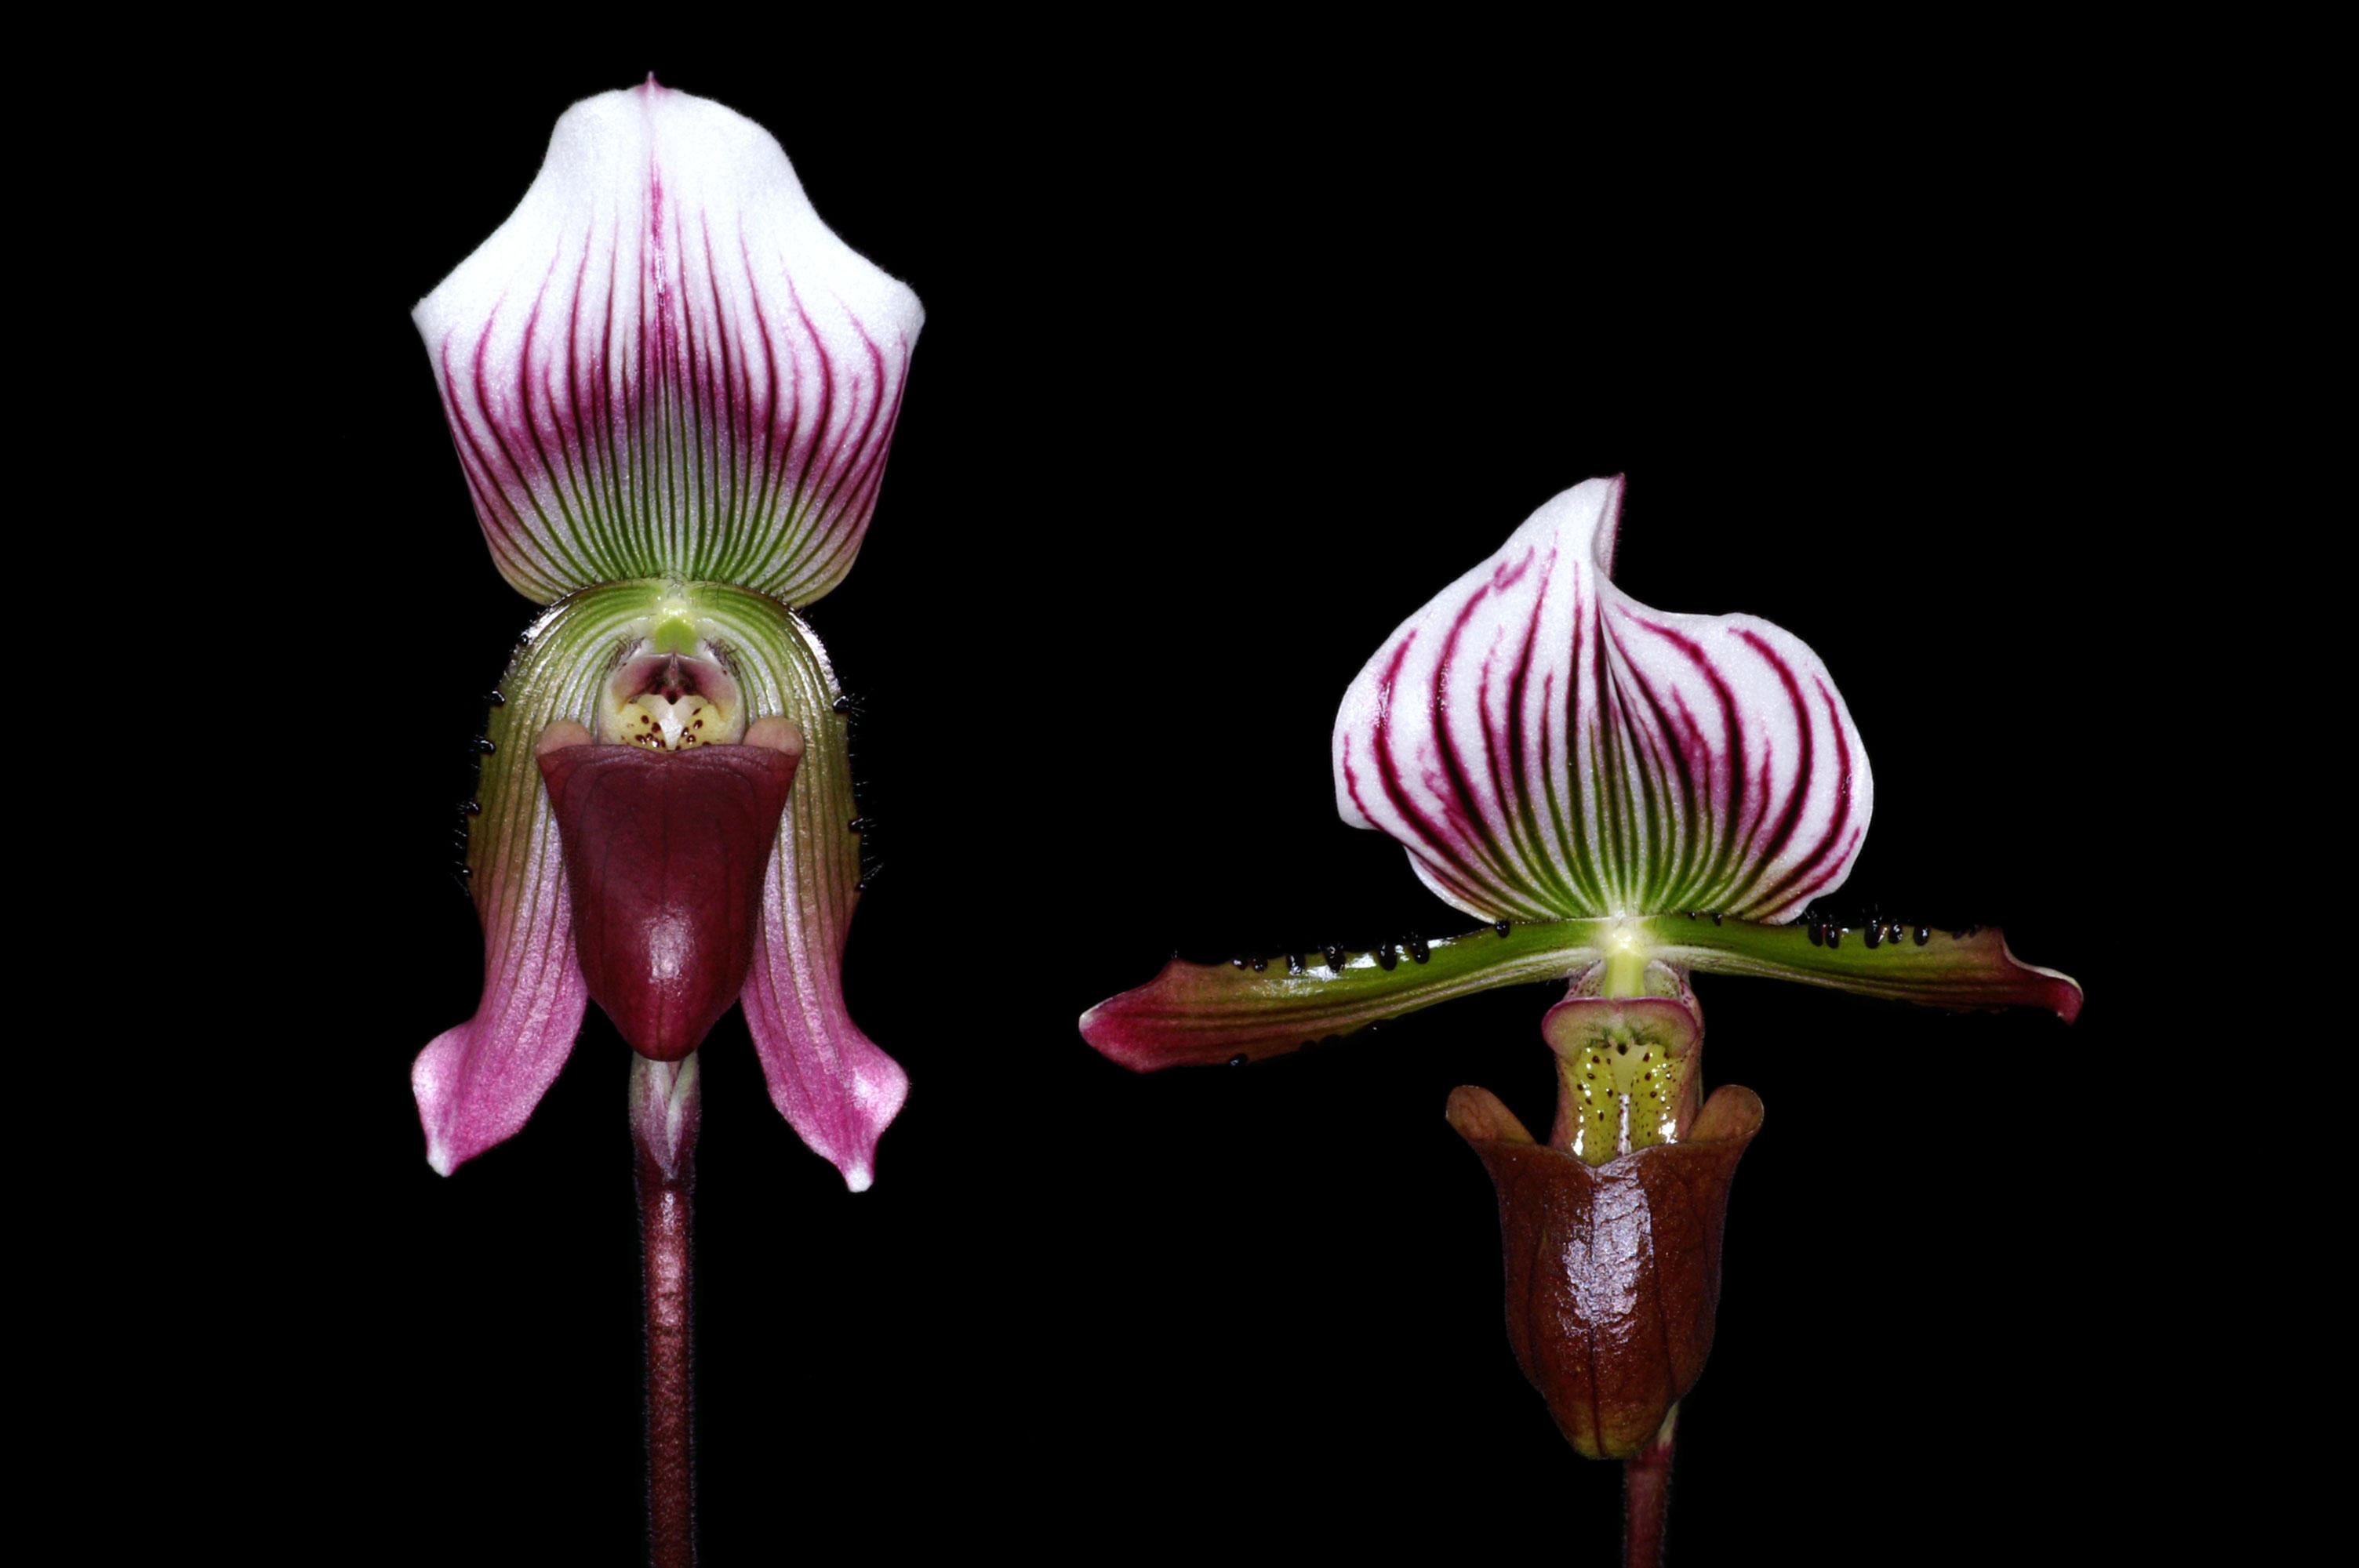 Comparaison des fleurs de Paph. callosum et de Paph. lawrenceanum, H. Perner.